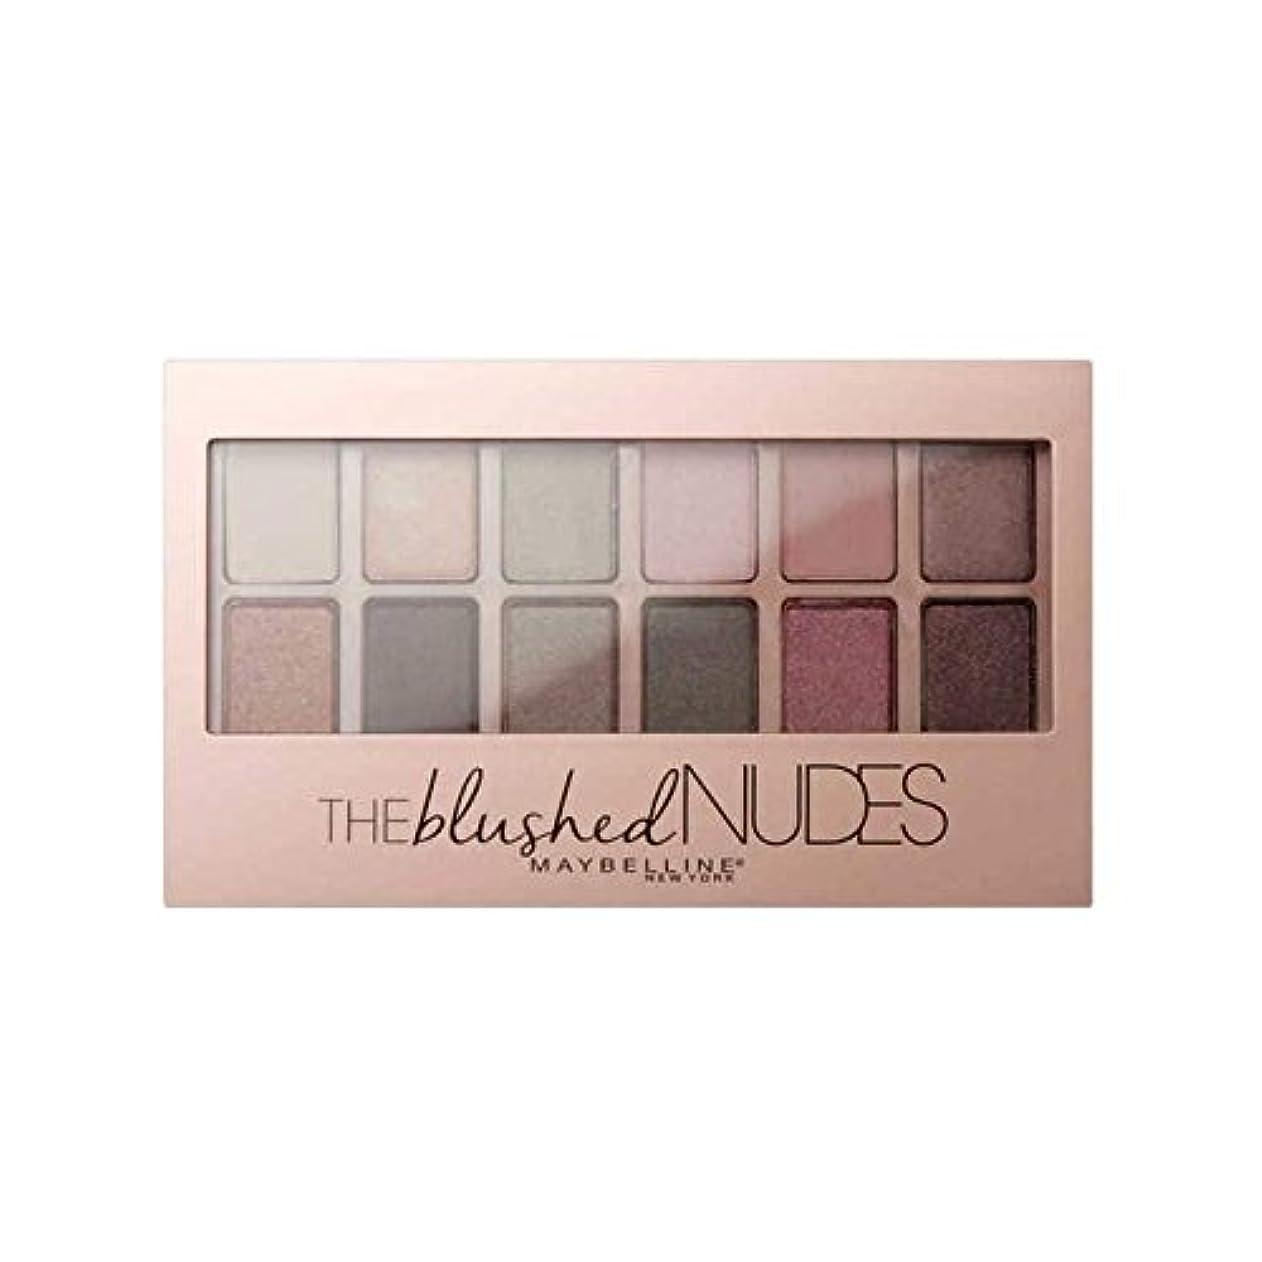 子豚自治的ほめるMaybelline The Blushed Nudes Eyeshadow Palette - 赤面ヌードアイシャドウパレットをメイベリン [並行輸入品]